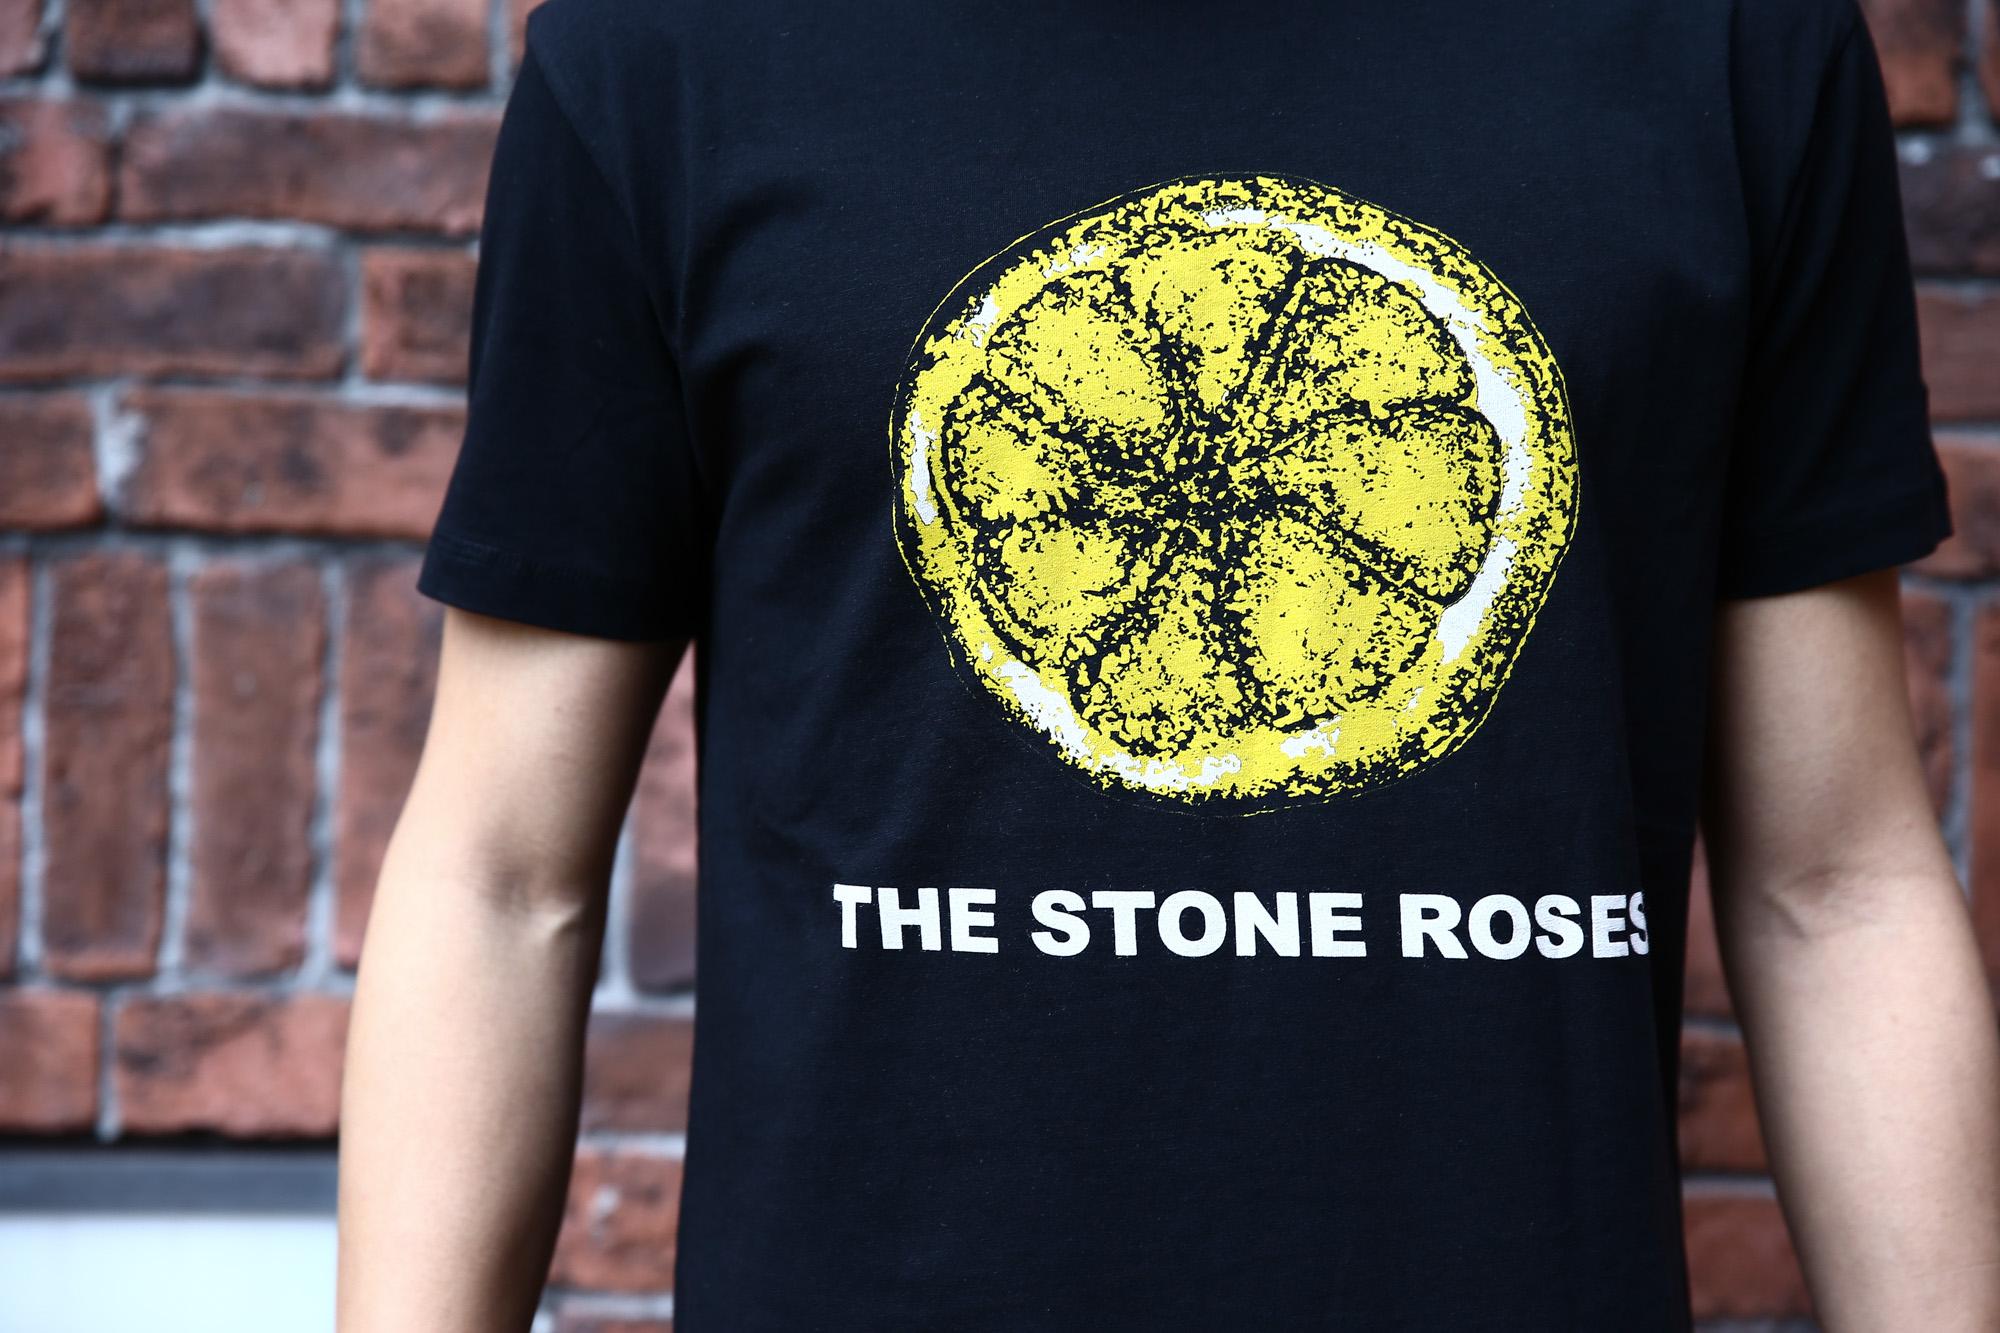 Worn By (ウォーンバイ) STONE ROSES LEMON ザ・ストーンローゼス レモン The Stone Roses ストーン・ローゼズ プリントTシャツ ロックTシャツ バンドTシャツ BLACK (ブラック)  2016 秋冬新作 XS,S,M コーディネート画像。 愛知 名古屋 Alto e Diritto アルト エ デリット バンドT ロックT プリントT ウォーンバイ ライセンスTシャツ VAN バン 名古屋